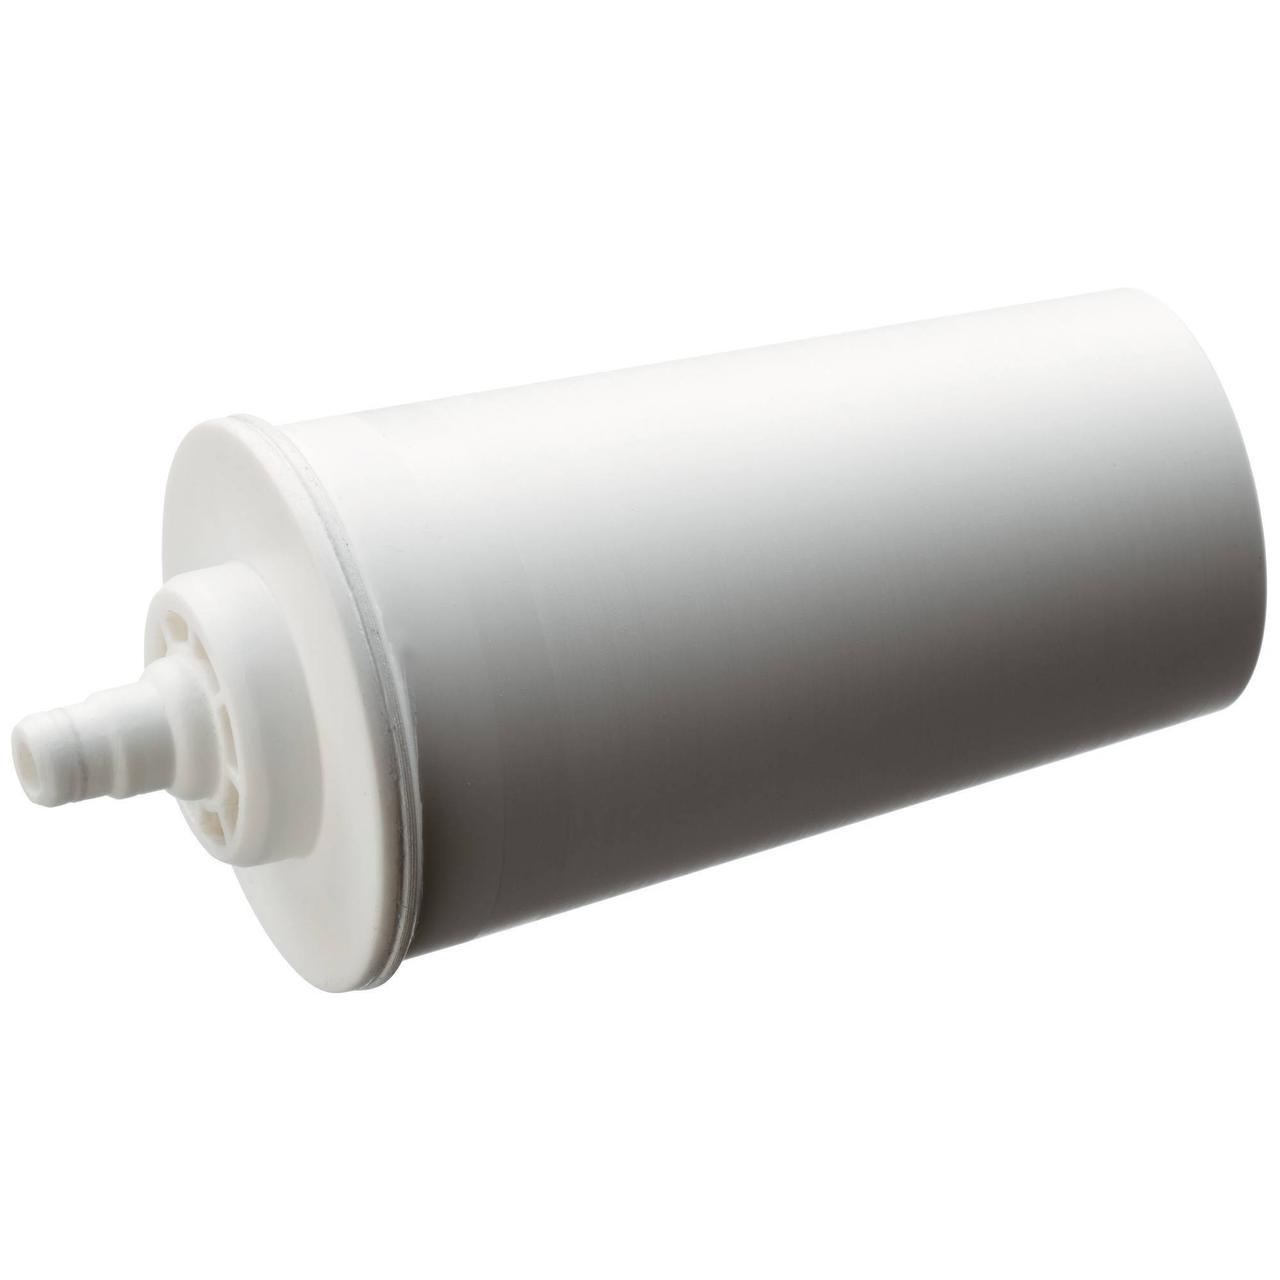 Фильтры для воды WMF (4 шт в упаковке) (Tank filters WMF (4 pcs per pack))